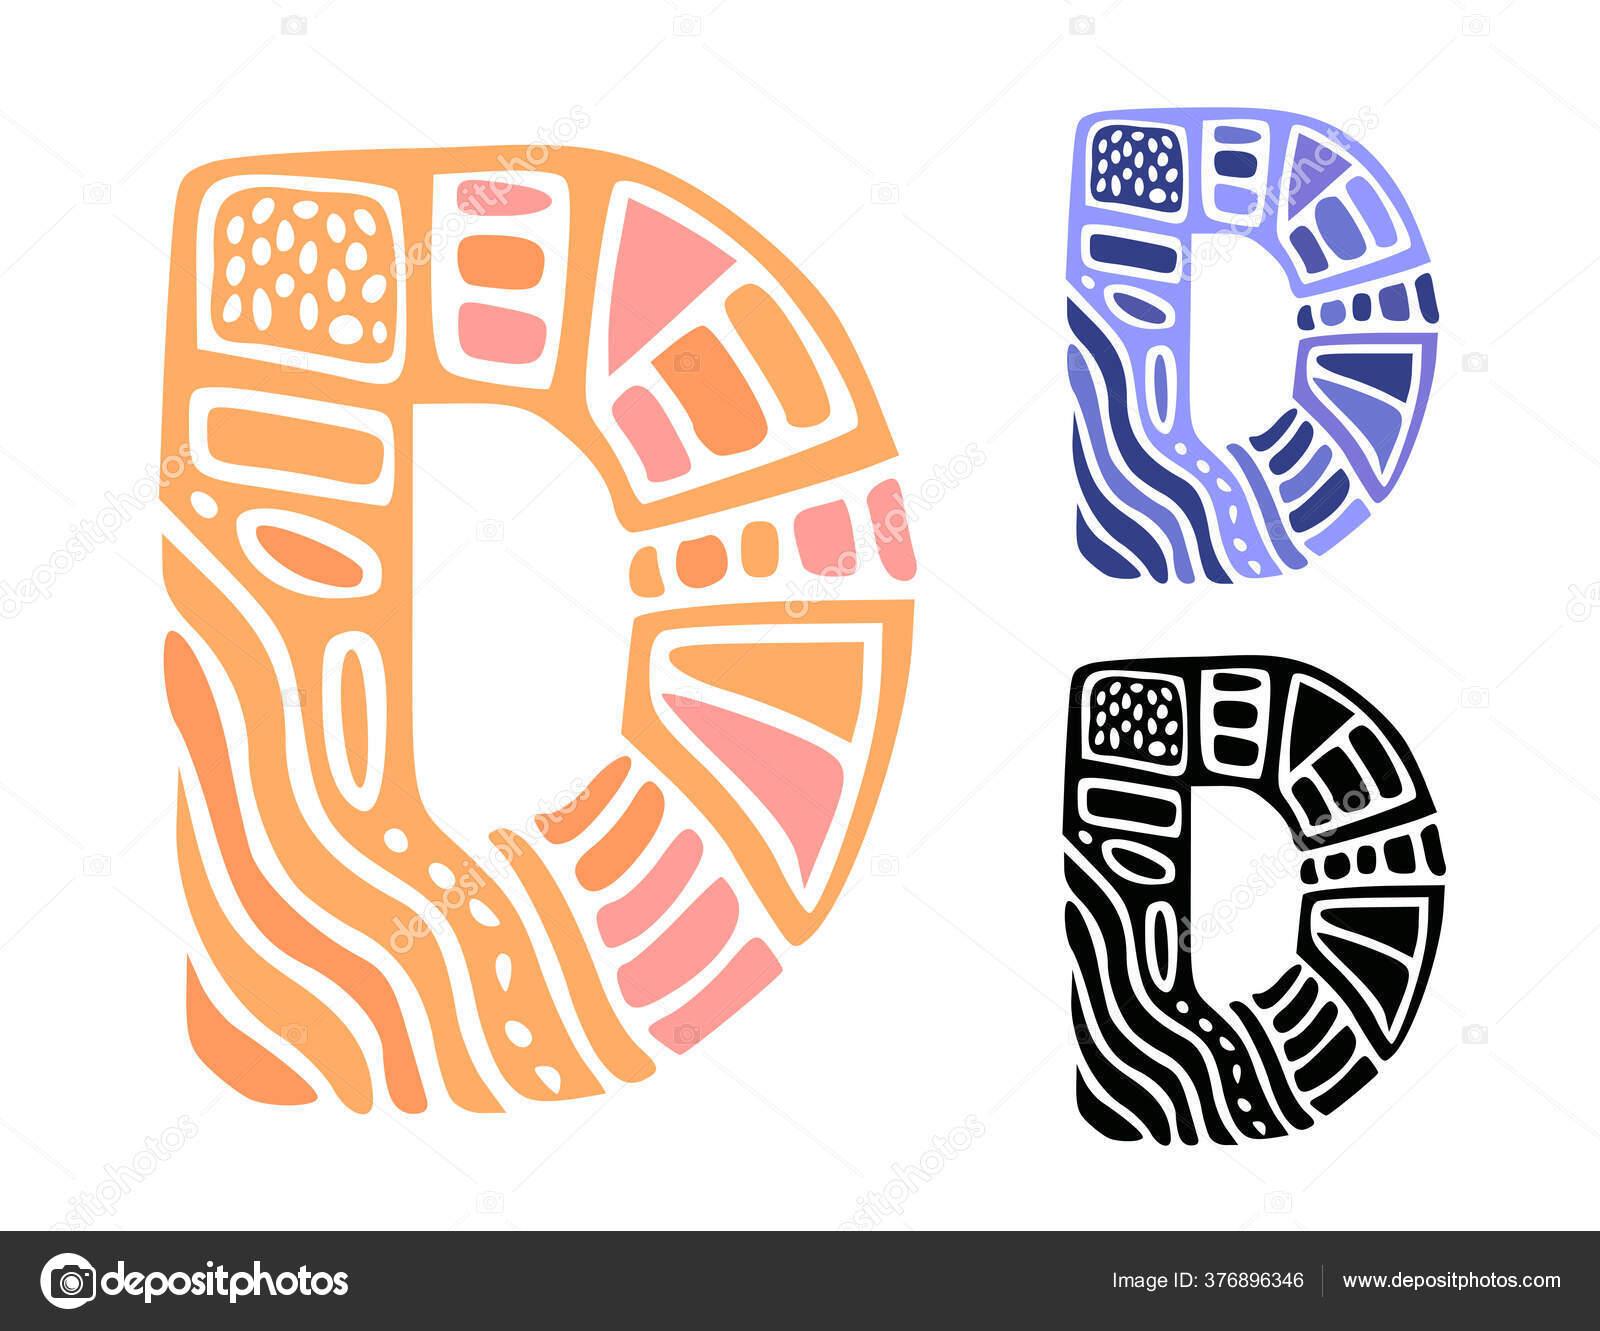 https depositphotos com 376896346 stock illustration alphabet letter kids education poster html